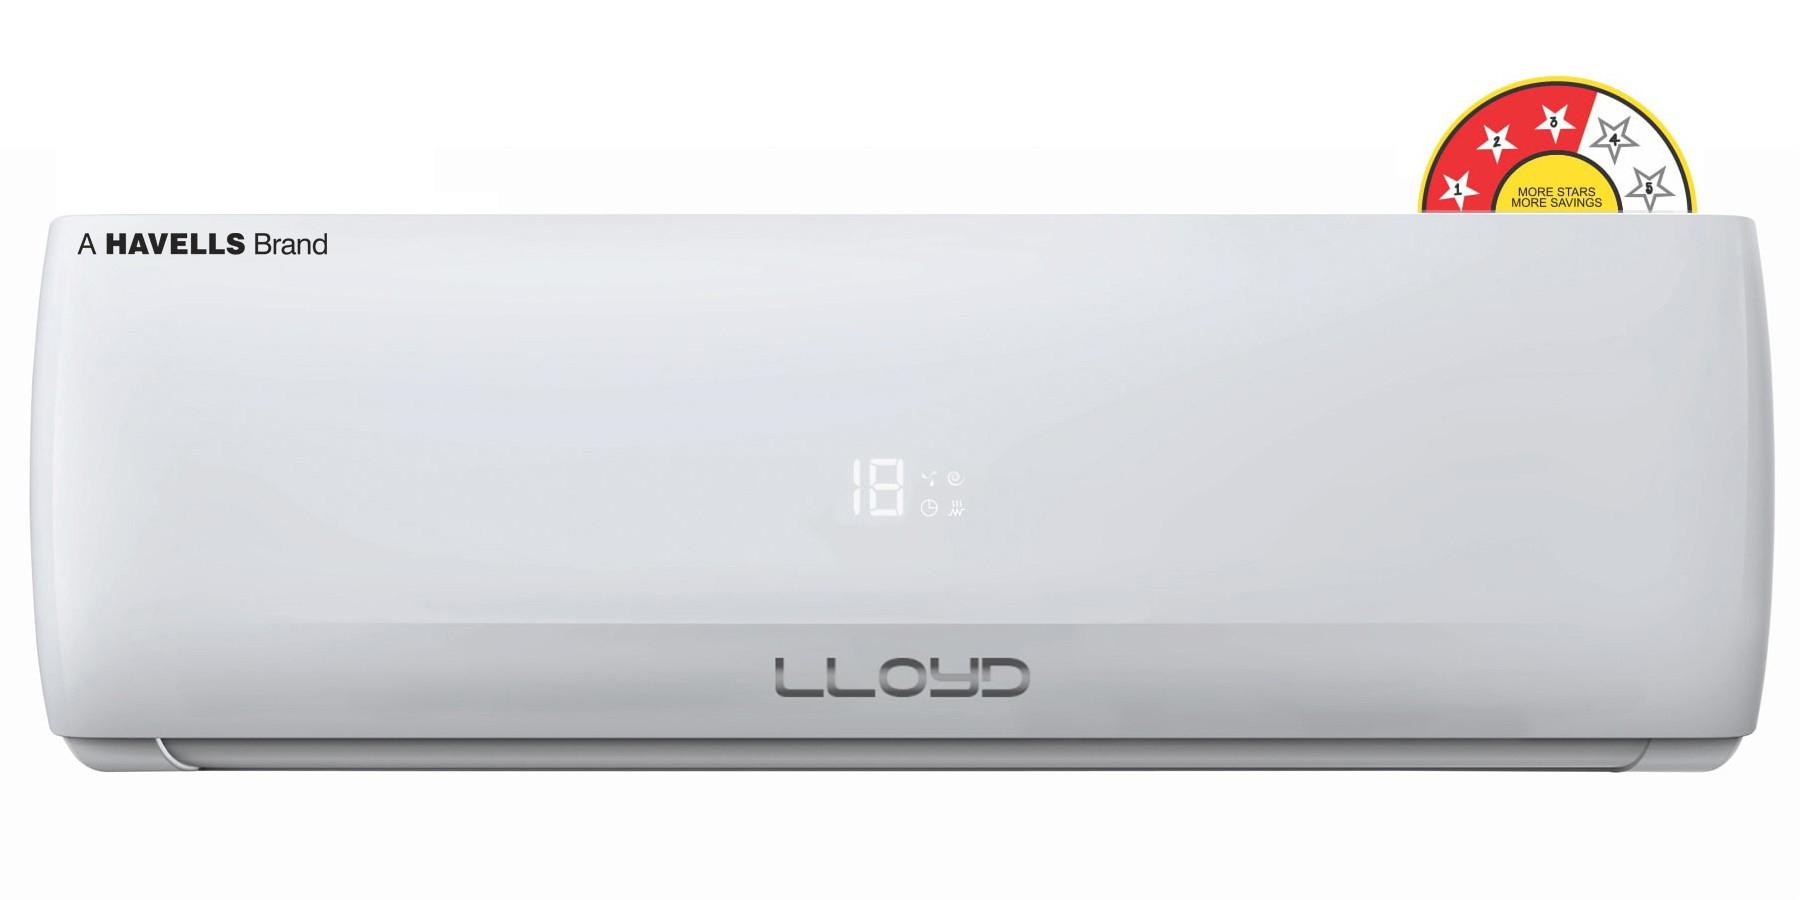 Buy Lloyd LS24B34OA 2 Ton Split Air Conditioner Online - LS24B34OA